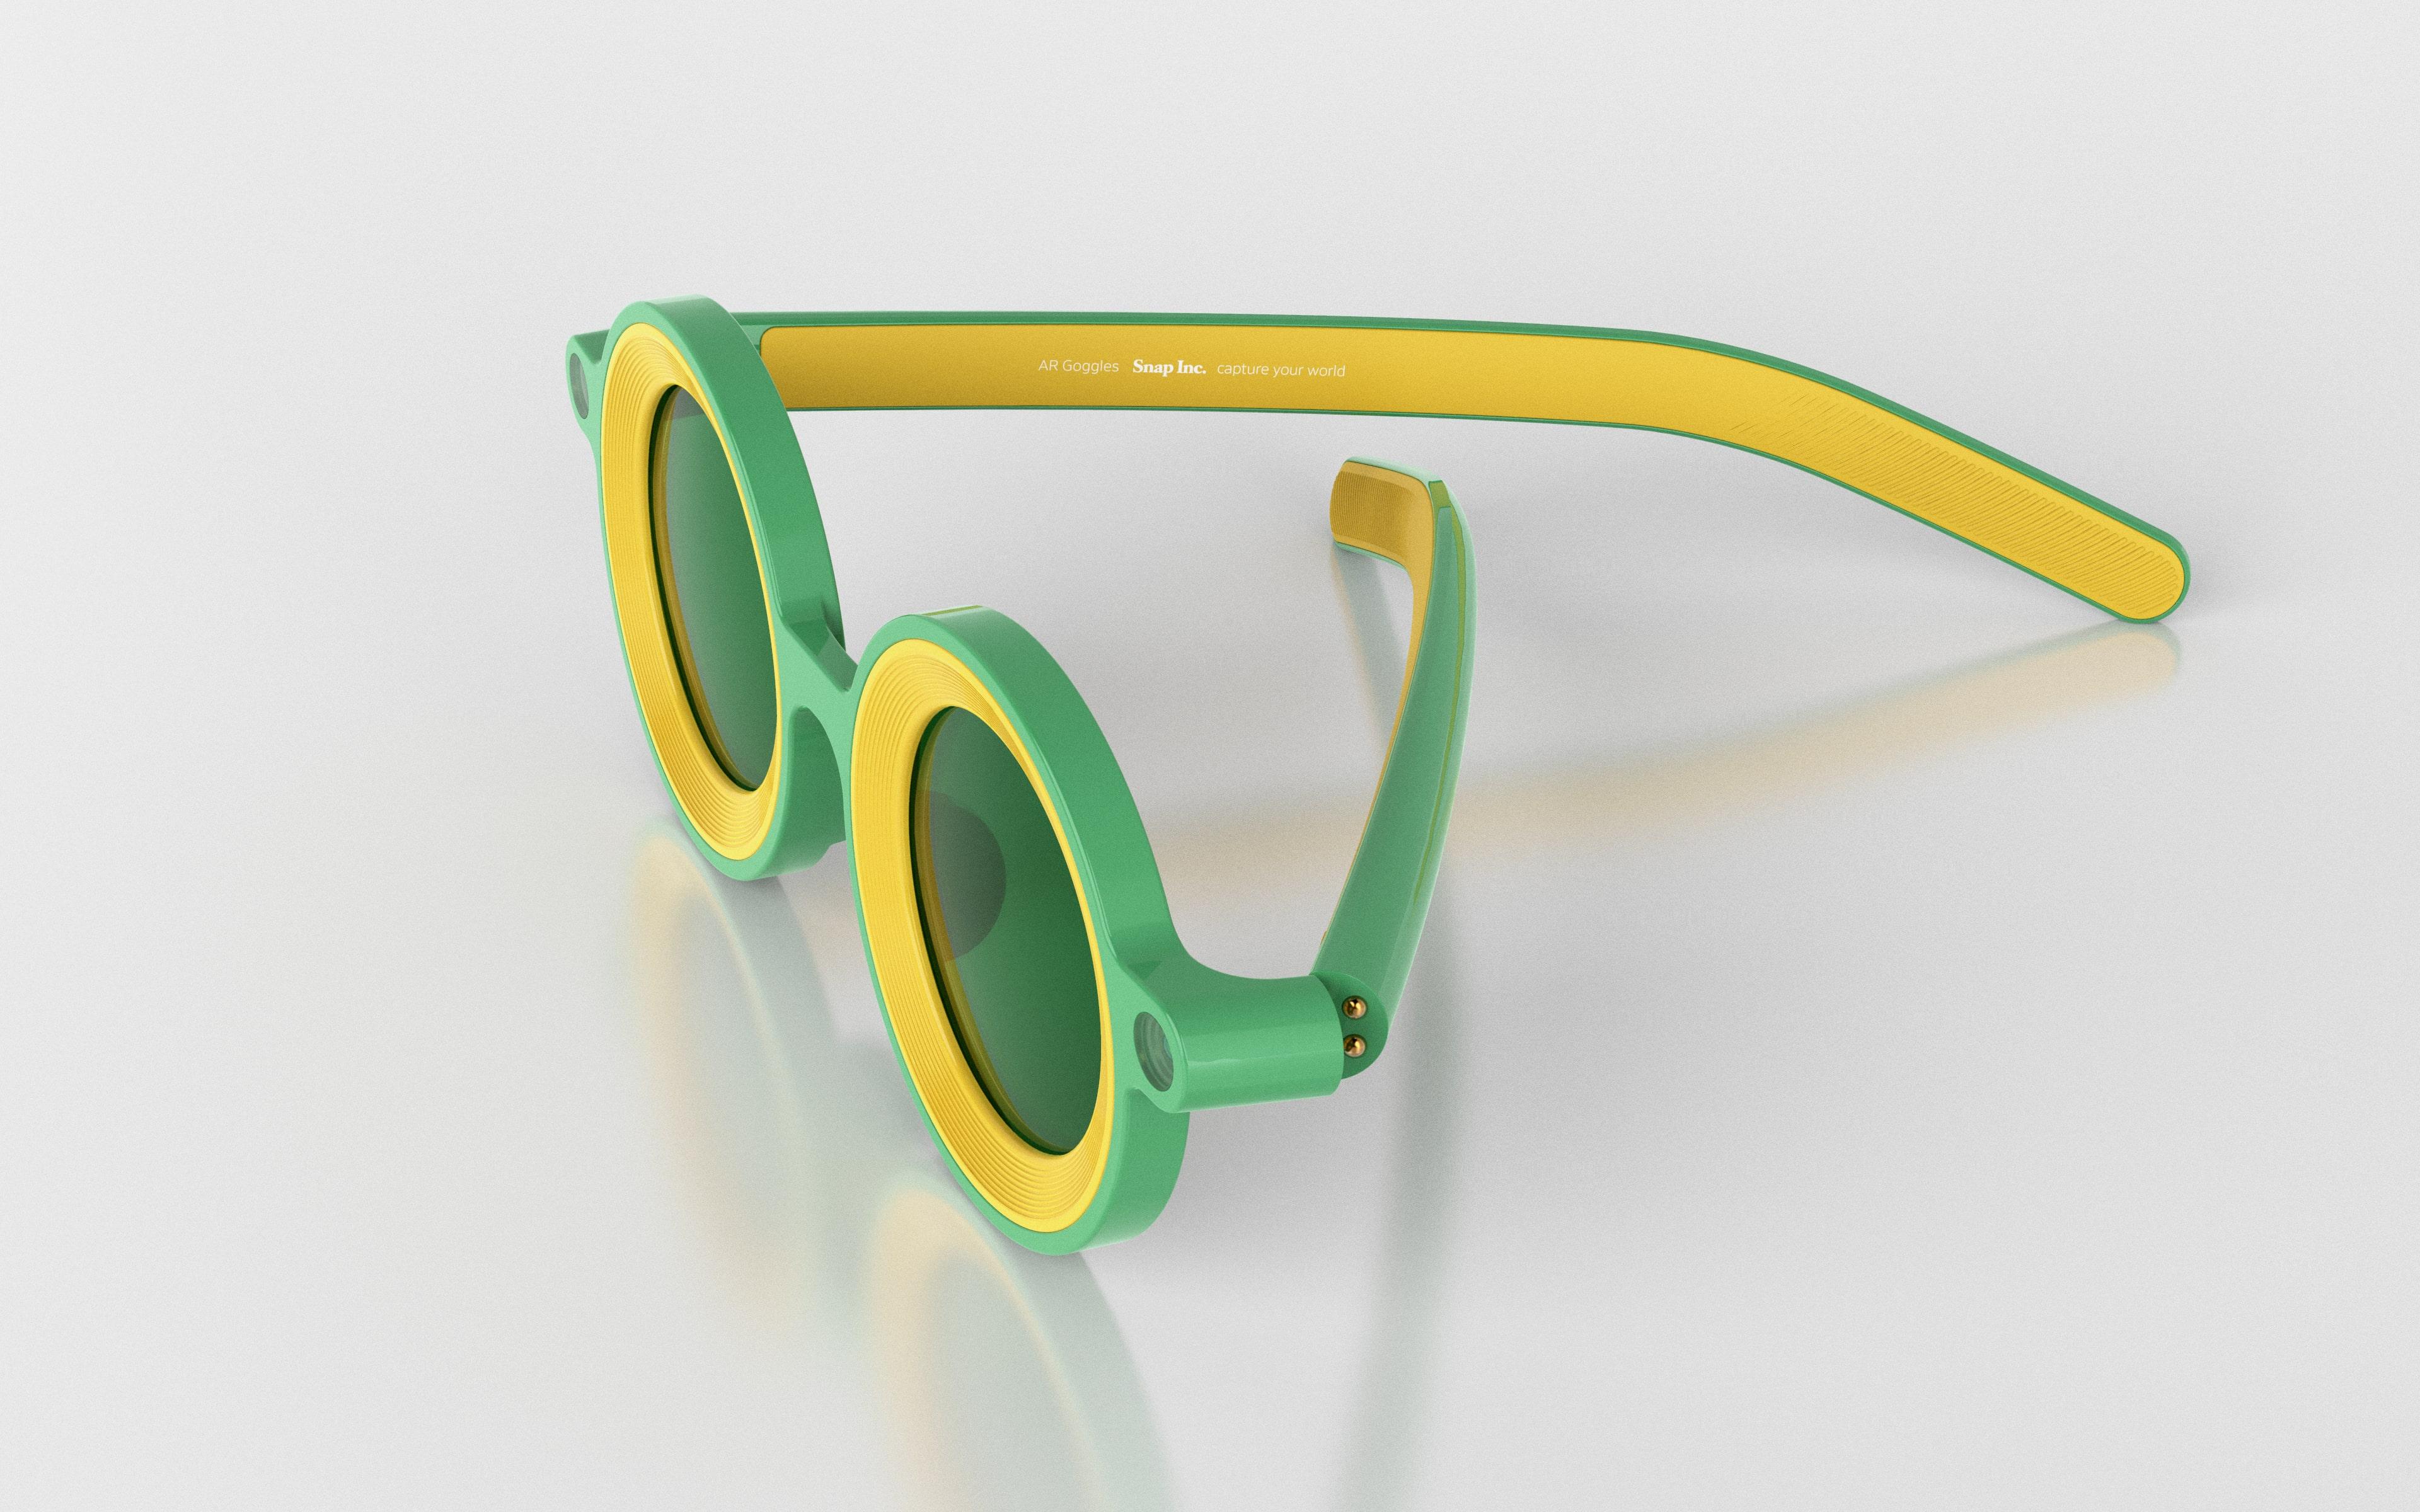 Snapchat-Glasses-38-min